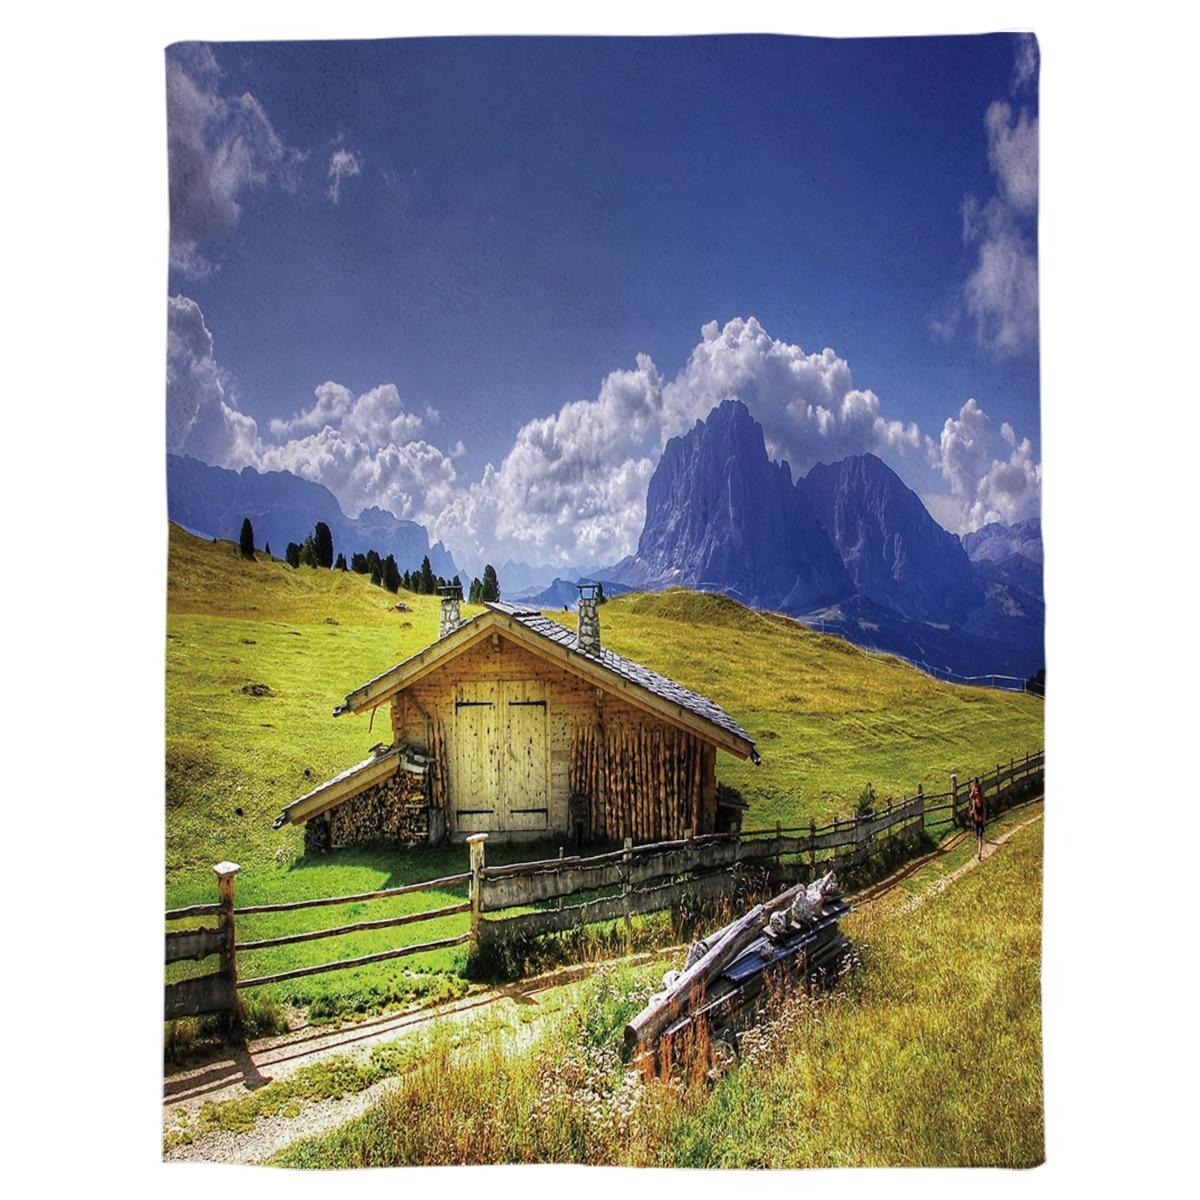 Pastizales cabaña peatonal montañas azul cielo nubes blancas de lana de Coral Fuzzy mantas en la cama lanza sábana para niños niñas